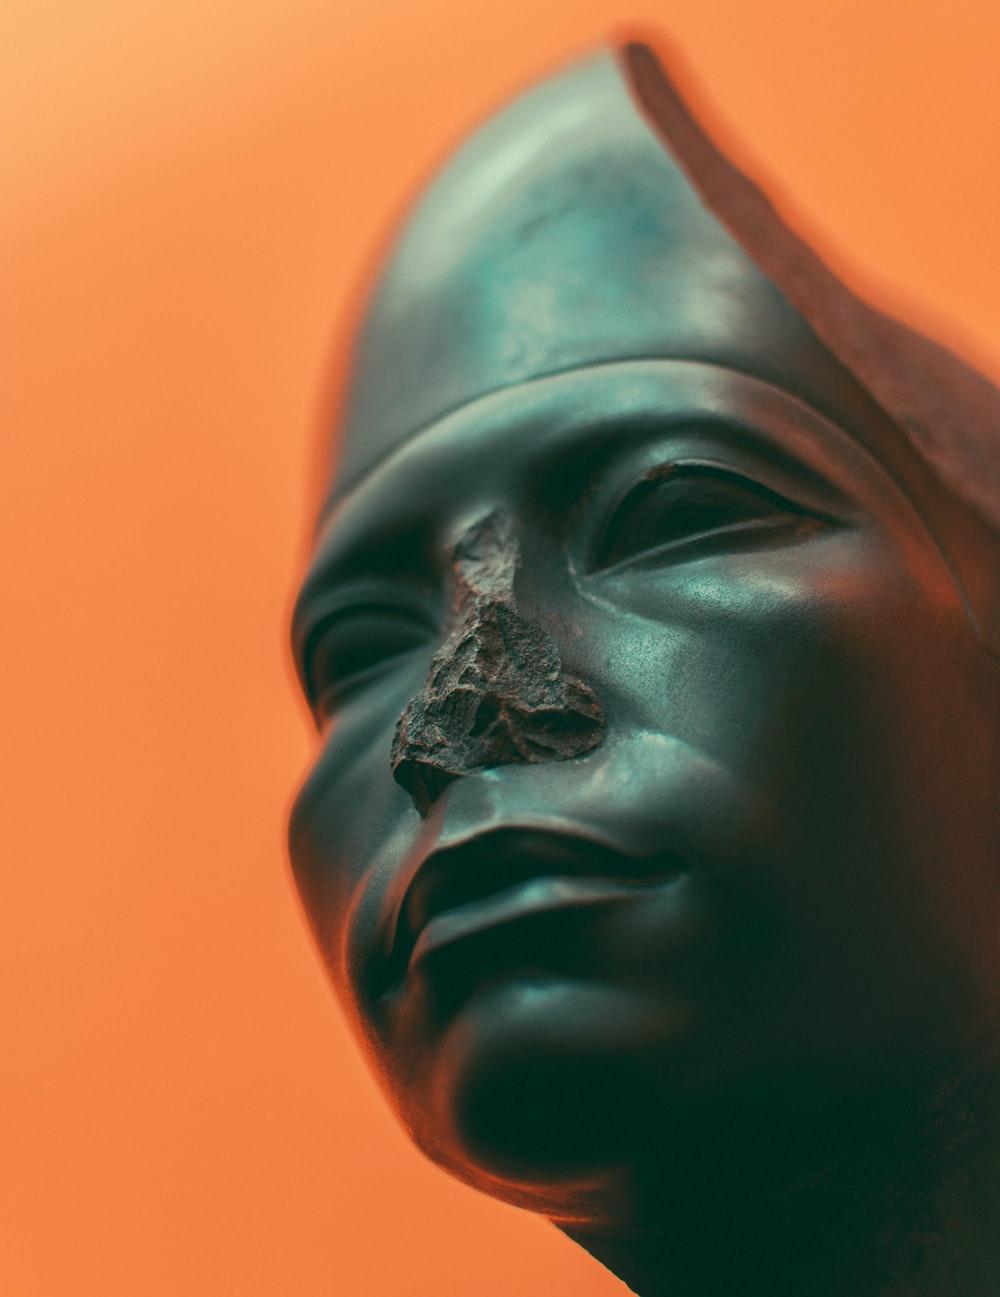 grey ceramic man's face statue